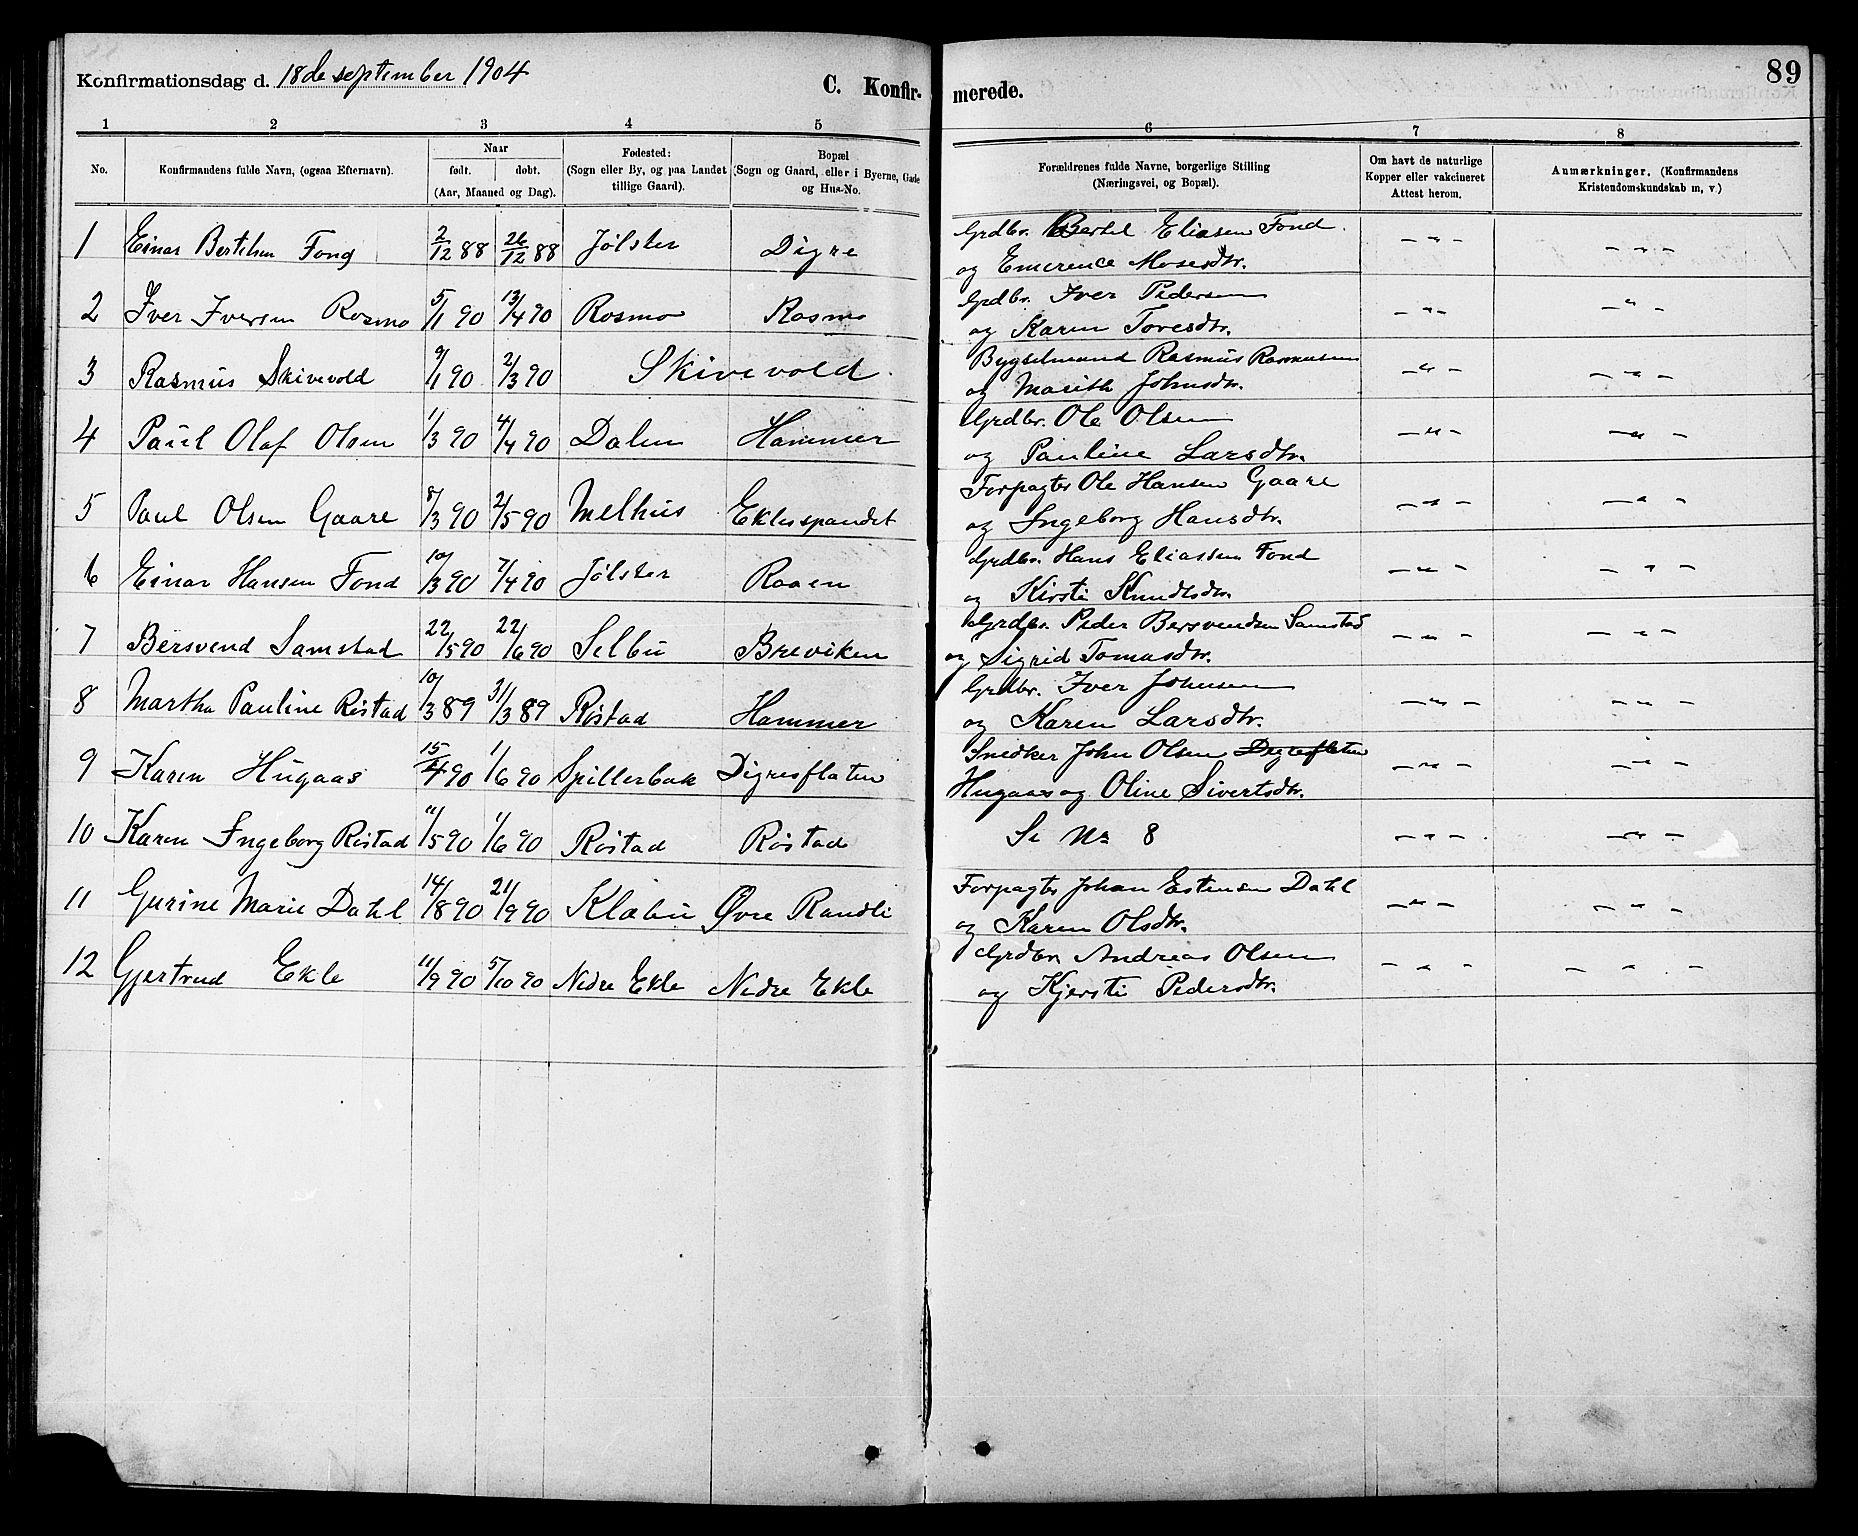 SAT, Ministerialprotokoller, klokkerbøker og fødselsregistre - Sør-Trøndelag, 608/L0341: Klokkerbok nr. 608C07, 1890-1912, s. 89